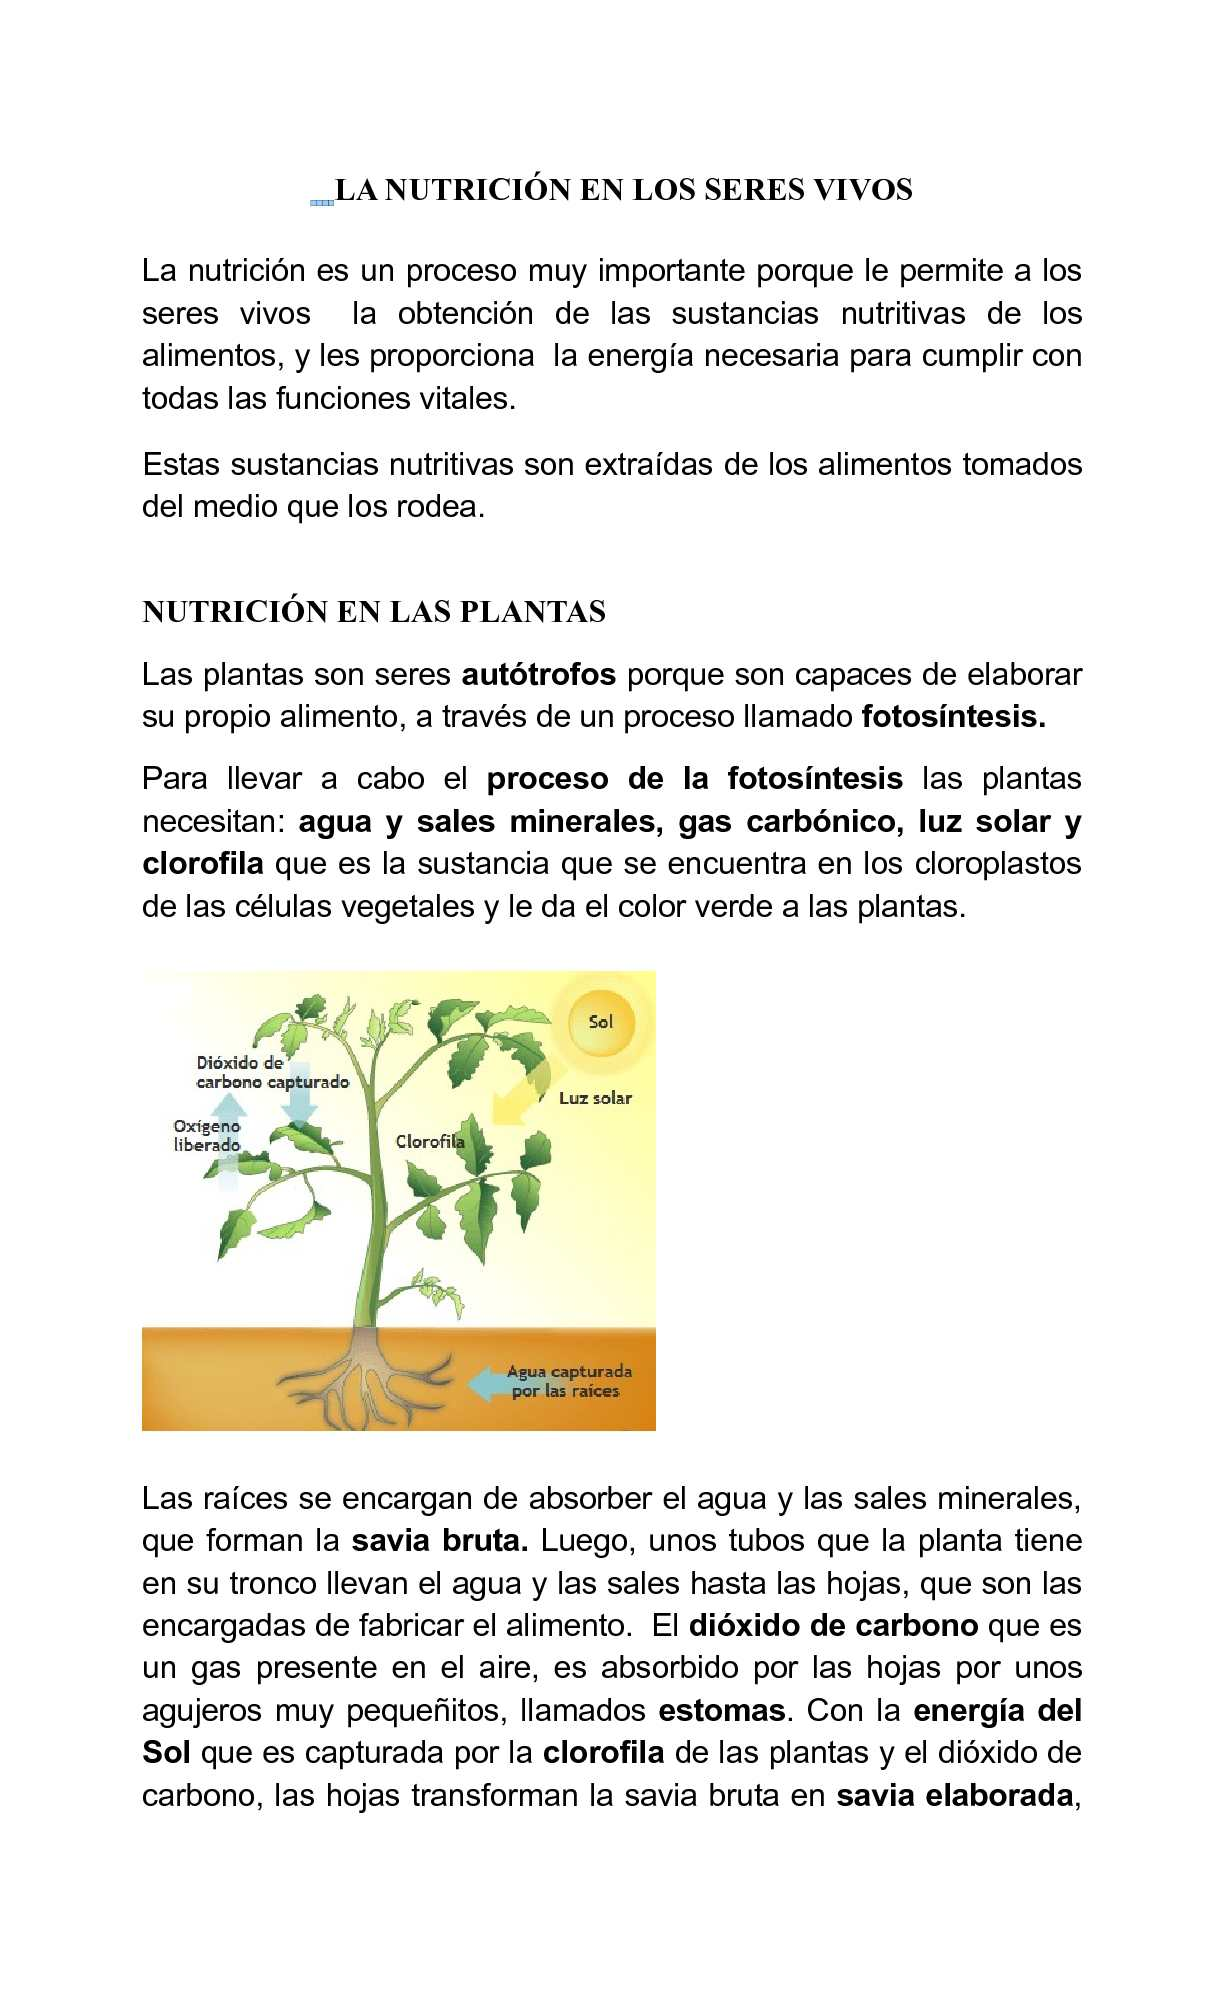 Calam o la nutrici n en los seres vivos for Como obtiene su alimento un arbol